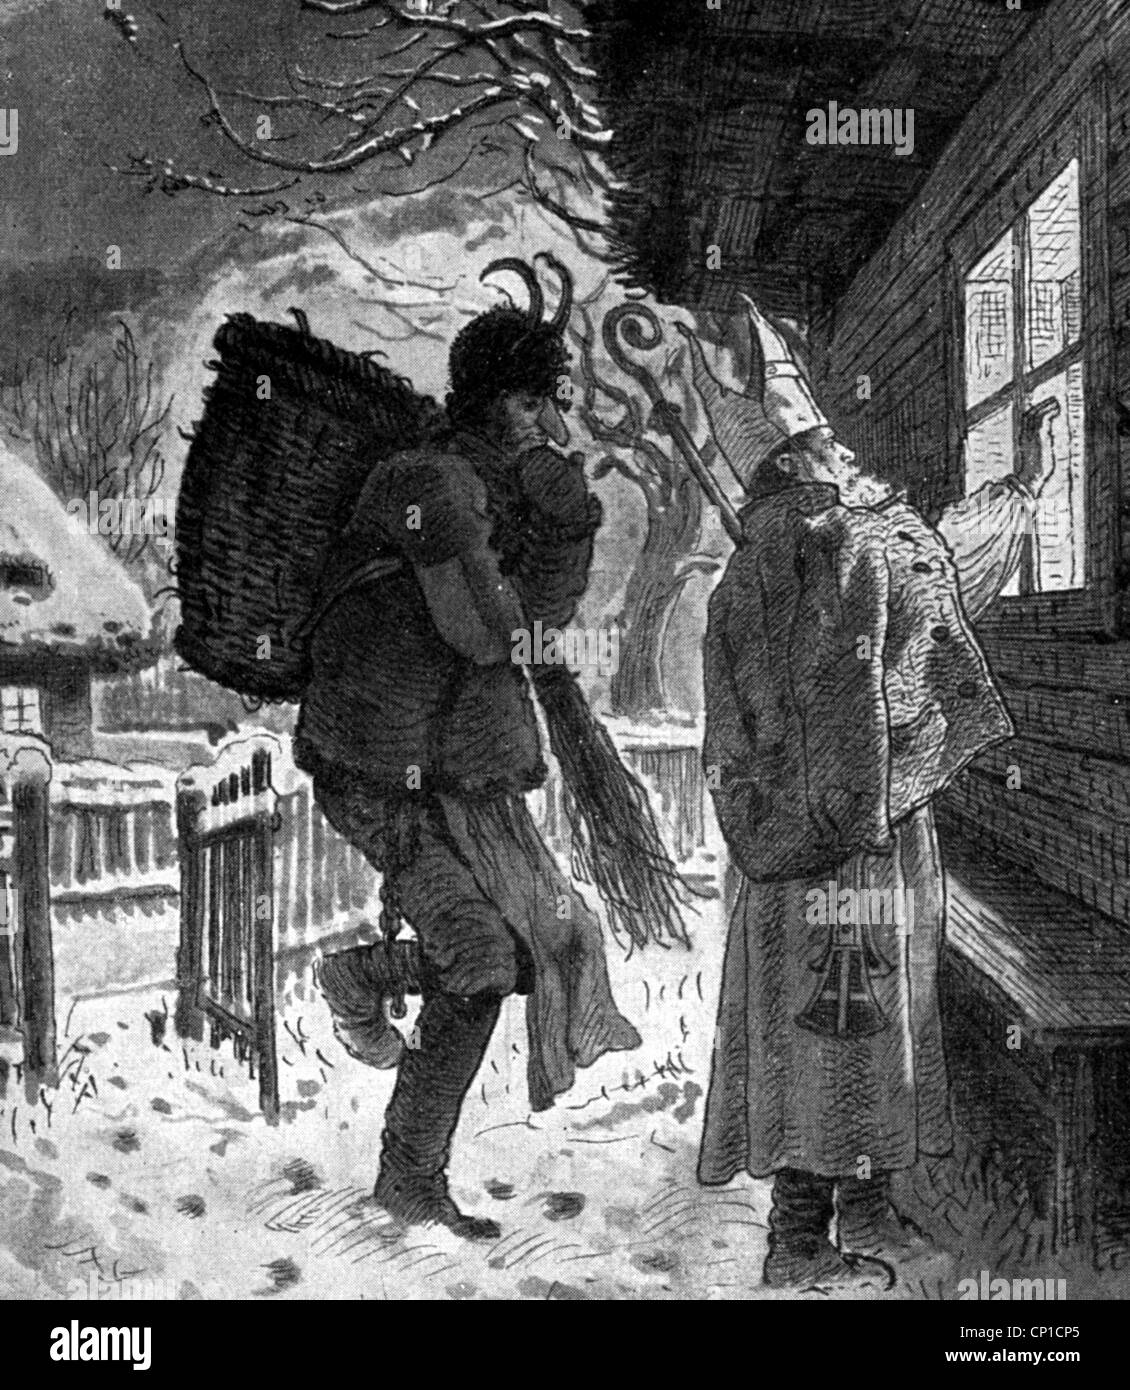 Weihnachten, Weihnachtsmann / Santa Claus/St. Nikolaus, St. Nikolaus, St. Nikolaus und sein Begleiter Knecht Ruprecht Stockbild